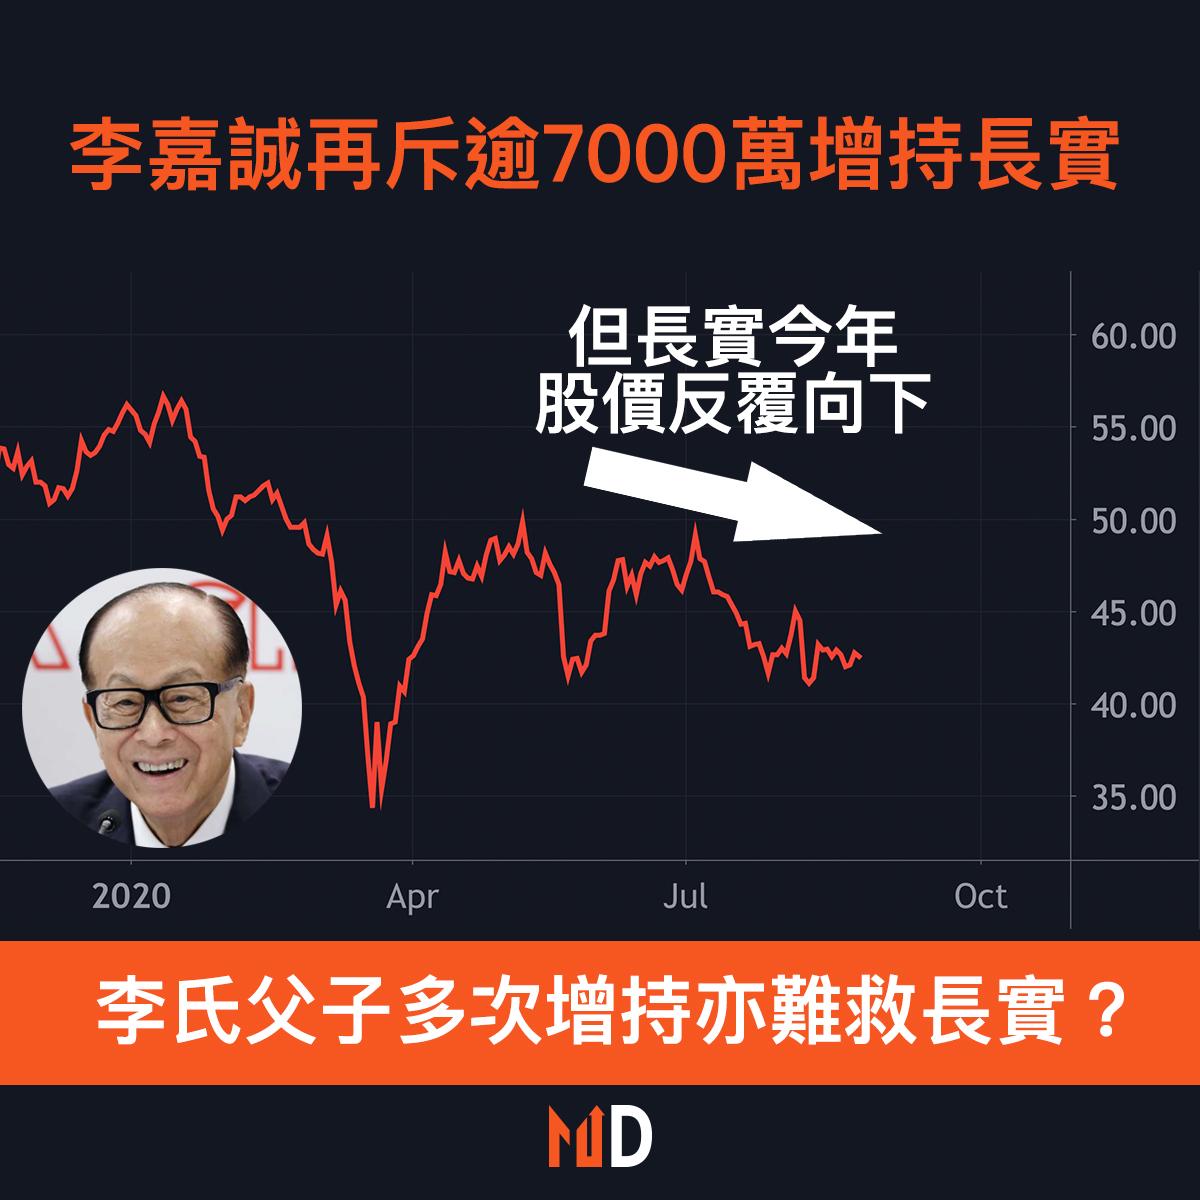 【市場熱話】李嘉誠再斥逾7000萬增持長實